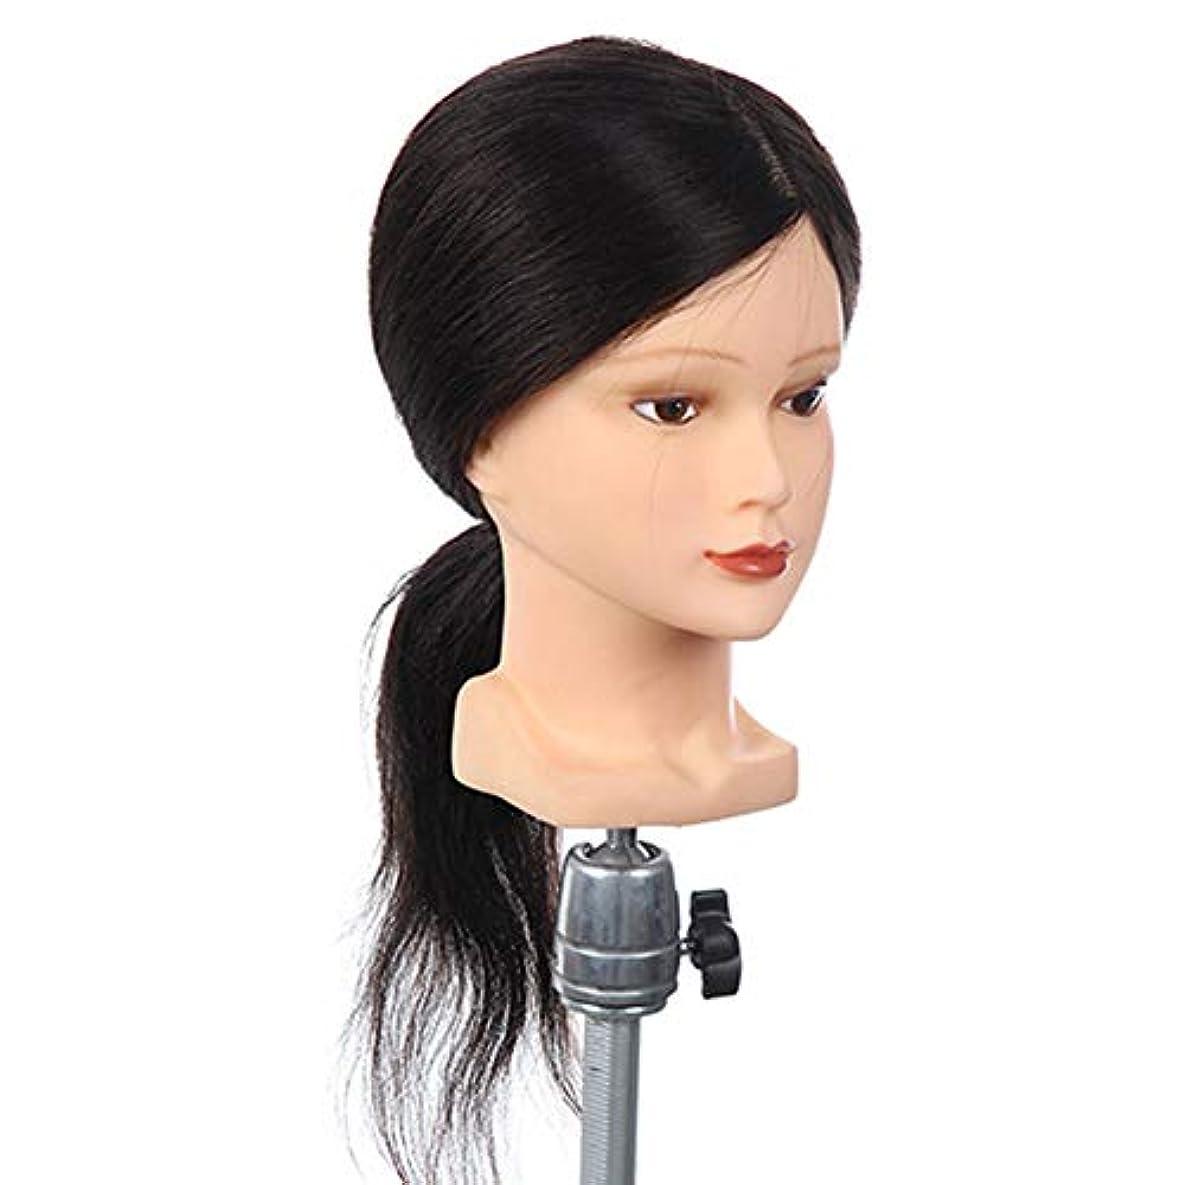 堤防暖かさバラ色100%本物の髪型モデルヘッド花嫁ヘアエクササイズヘッド金型理髪店学習ダミーヘッドはパーマ毛髪染料することができます